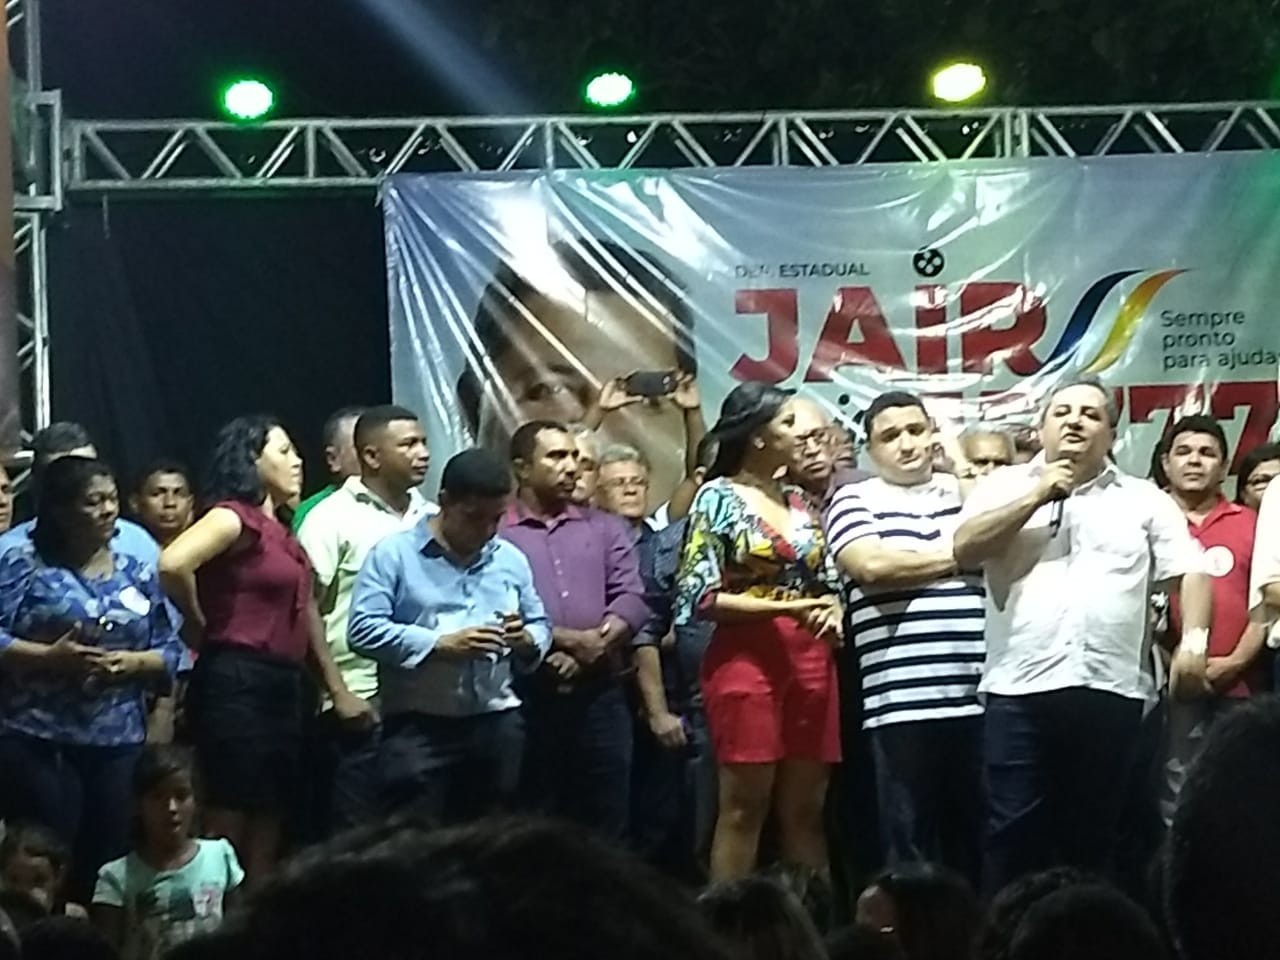 Gestor inovador, Amastha é o único com coragem de mudar o Estado, afirma Jair Farias ao lançar candidatura a deputado